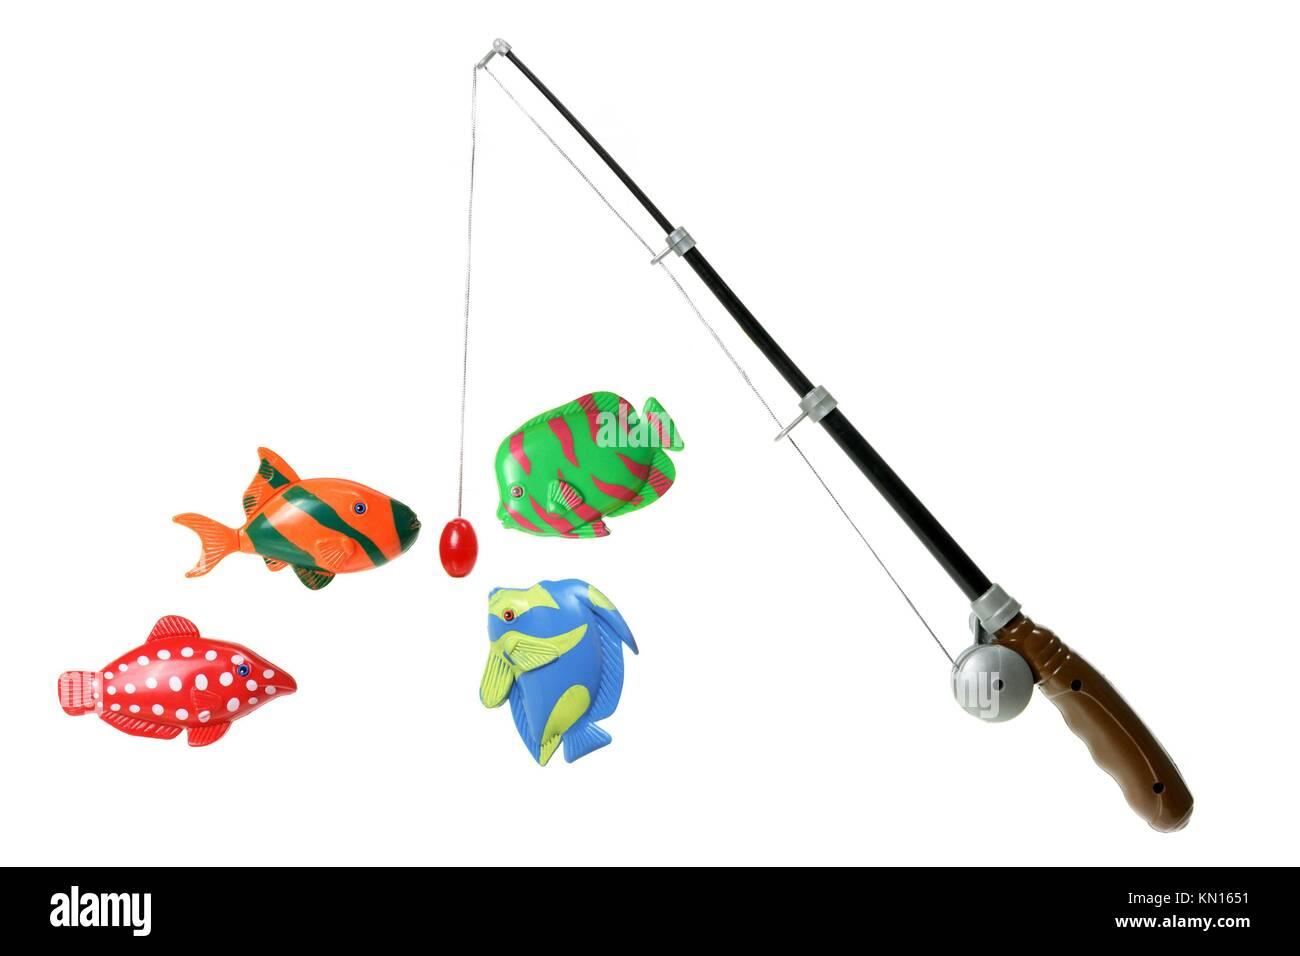 Spielzeug Angelrute auf weißem Hintergrund Stockfotografie